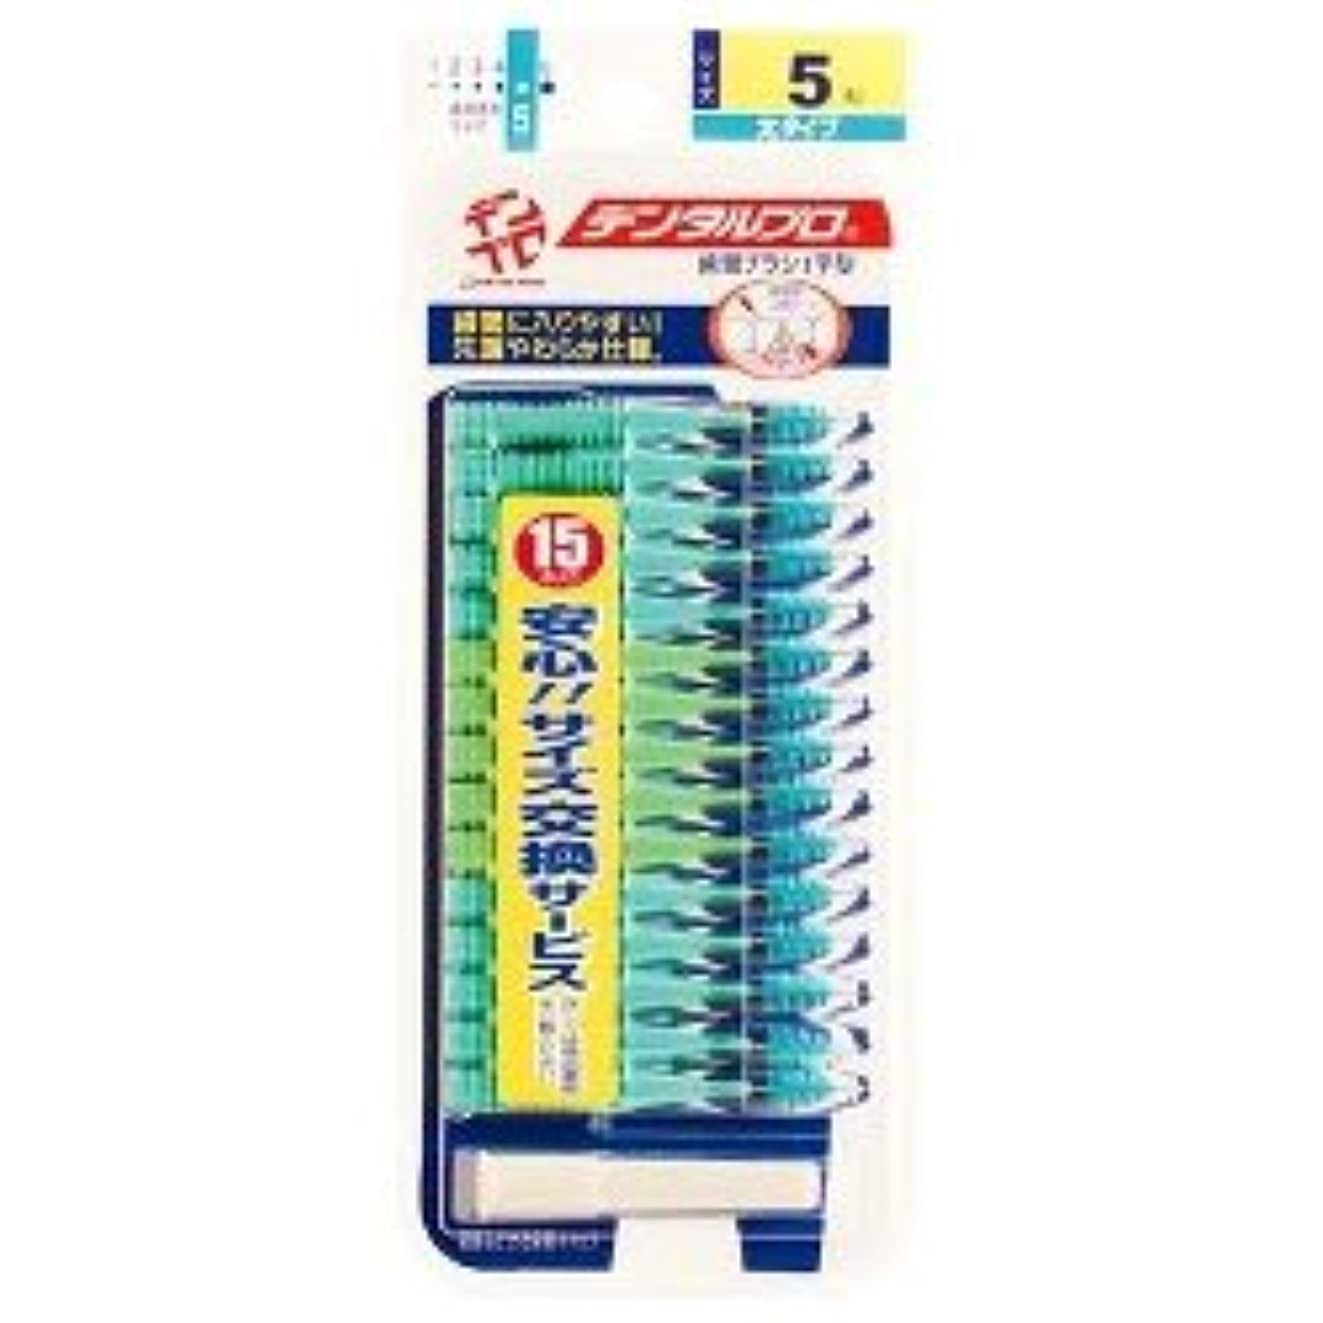 【デンタルプロ】デンタルプロ 歯間ブラシ サイズ5-L 15本入 ×10個セット